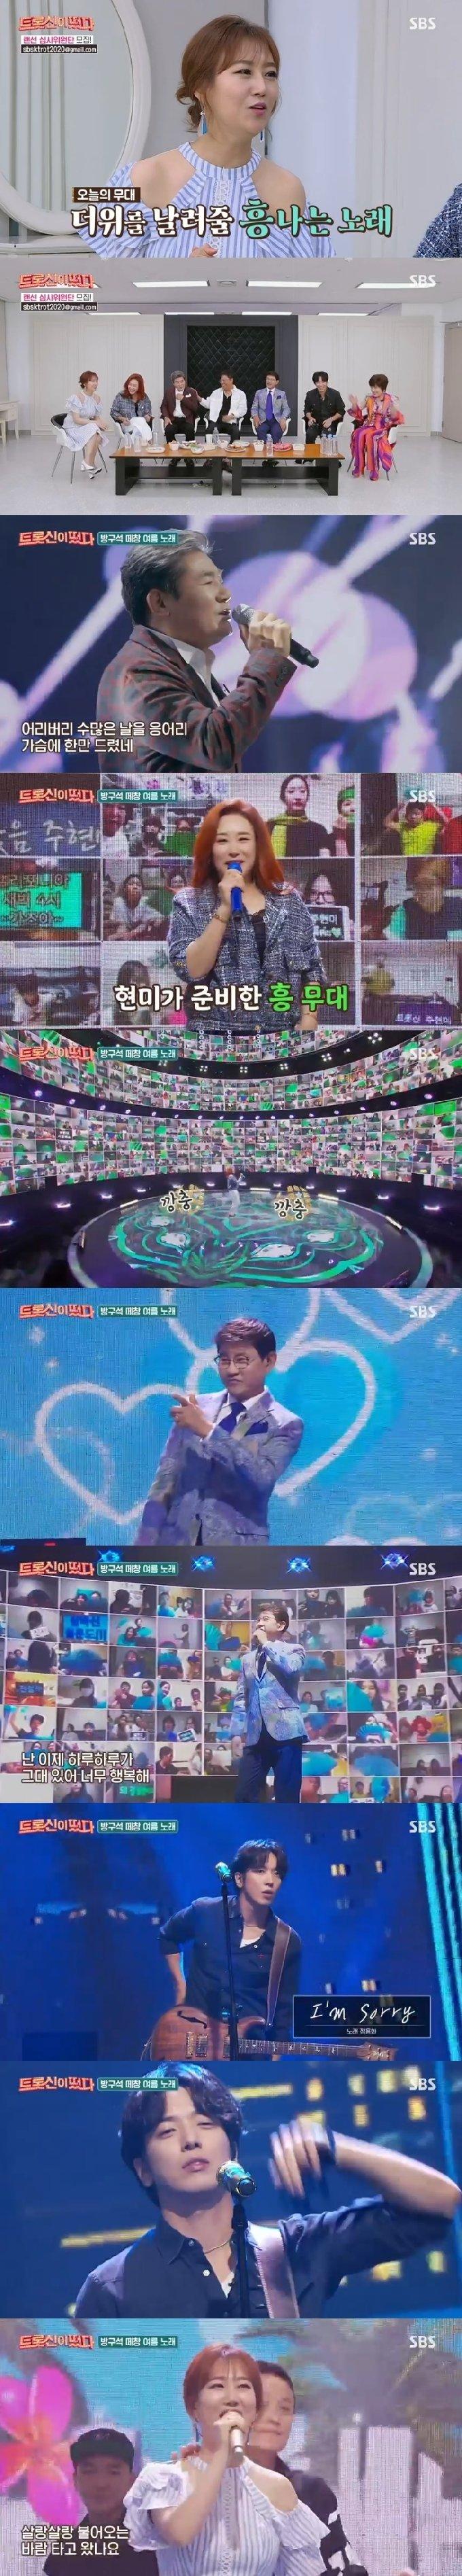 SBS '트롯신이 떴다' 캡처 © 뉴스1